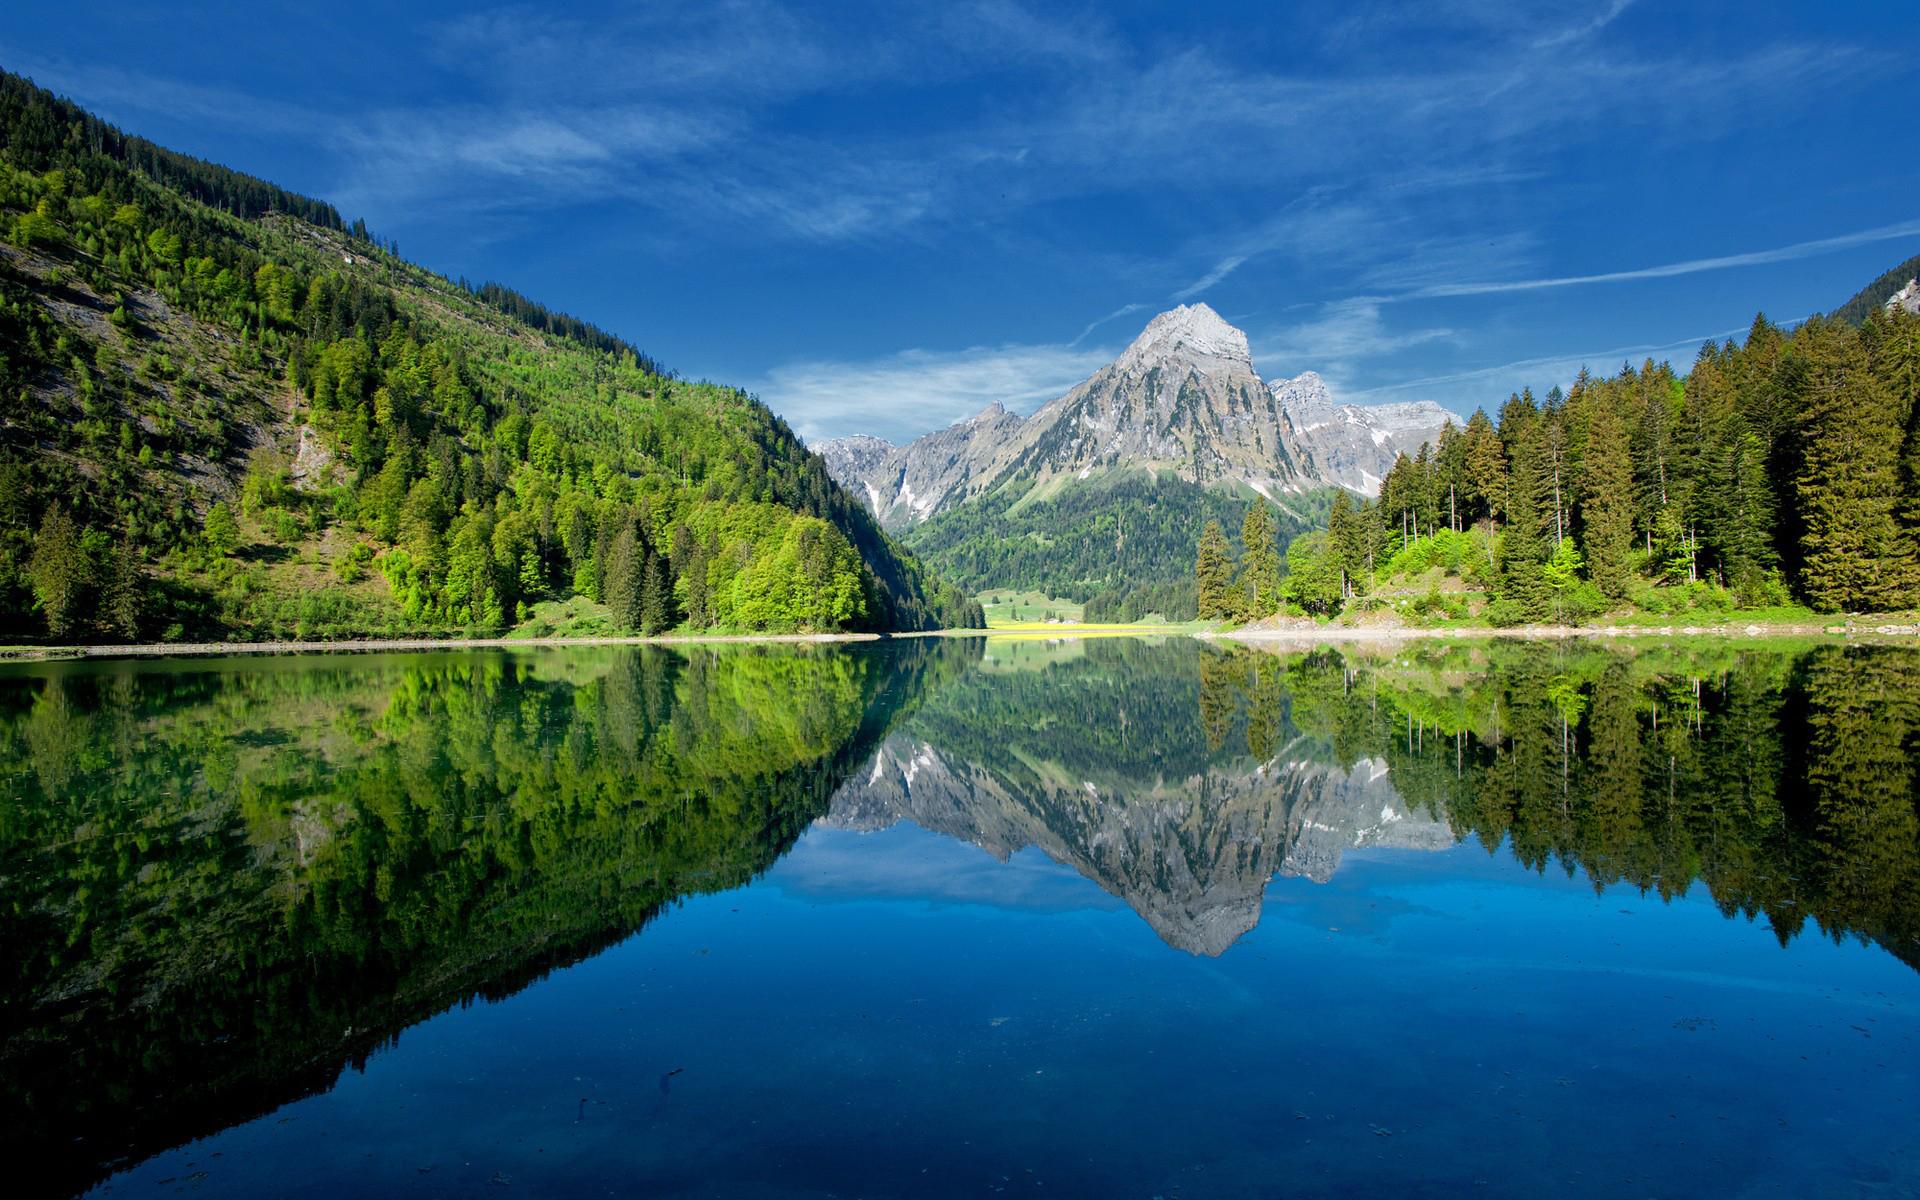 горы озеро деревья небо  № 3234803 загрузить